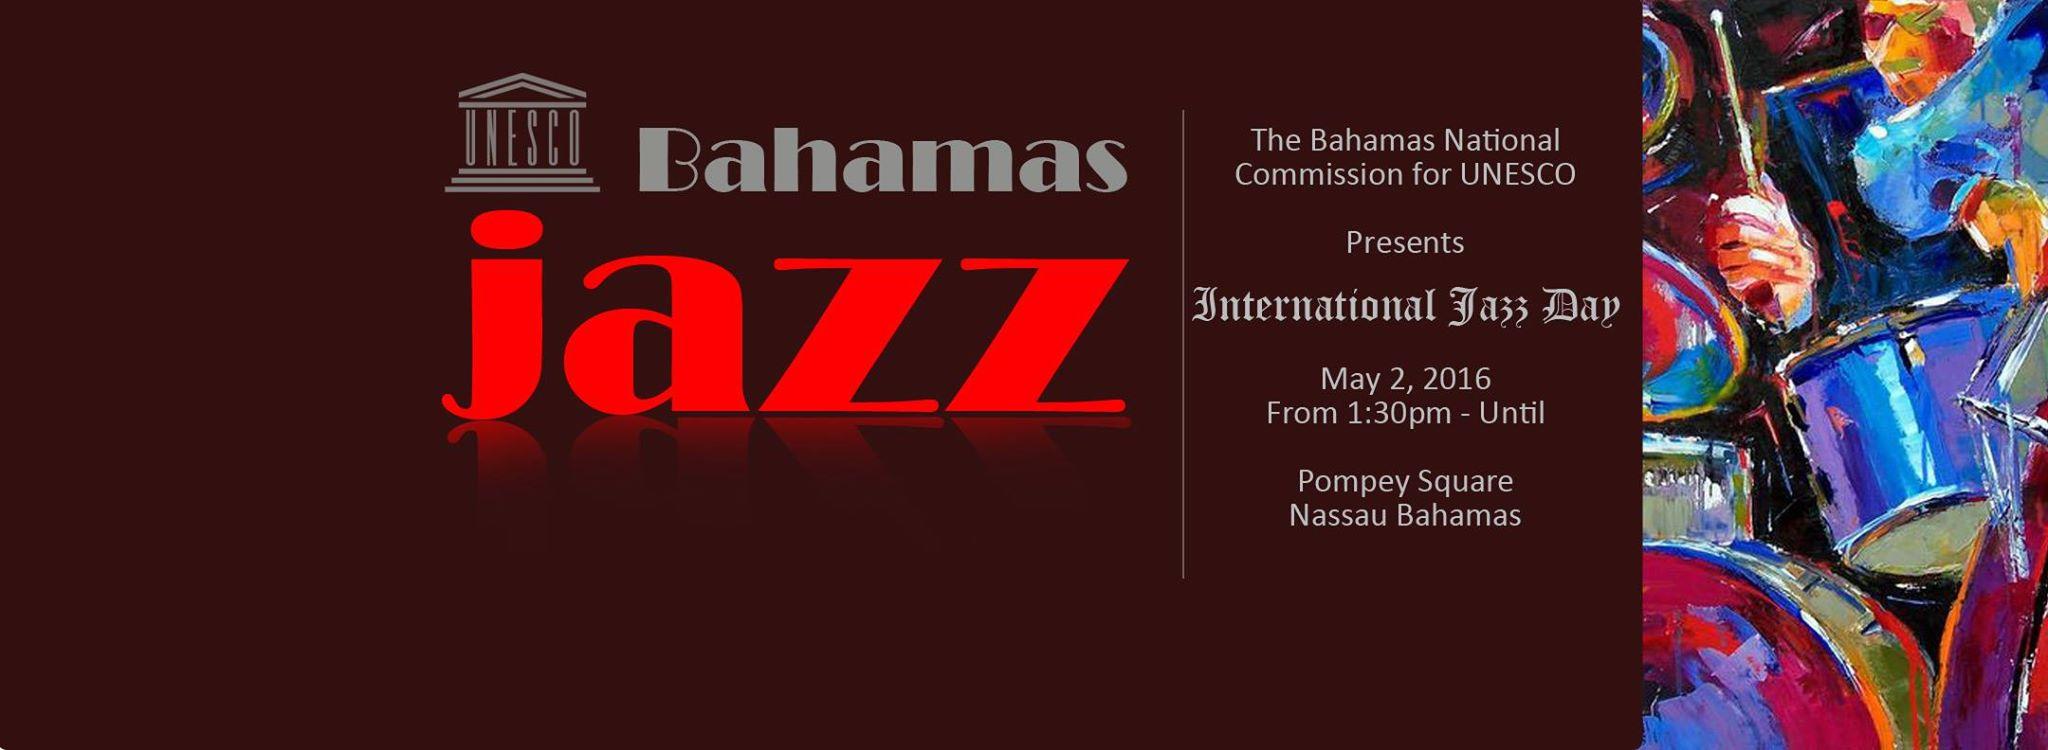 Bahamas Jazz